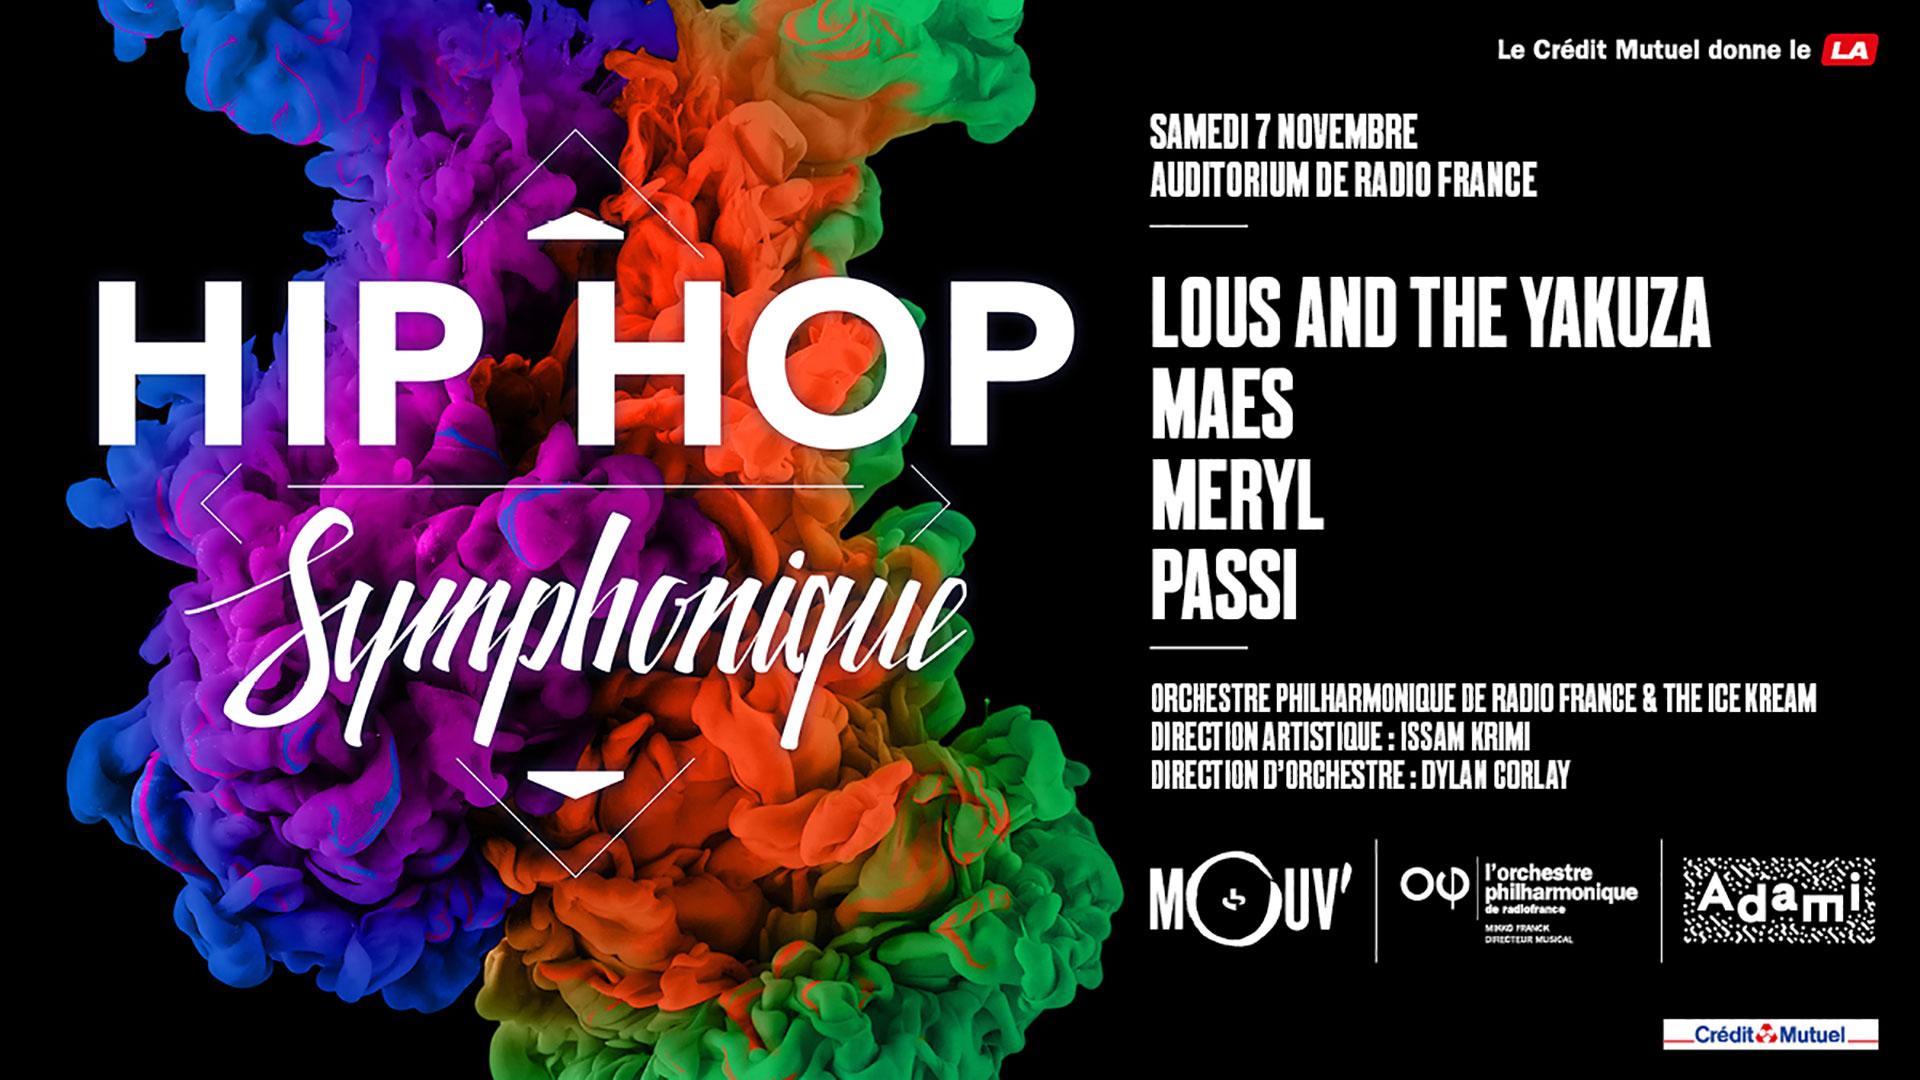 Hip Hop Symphonique : une programmation paritaire !